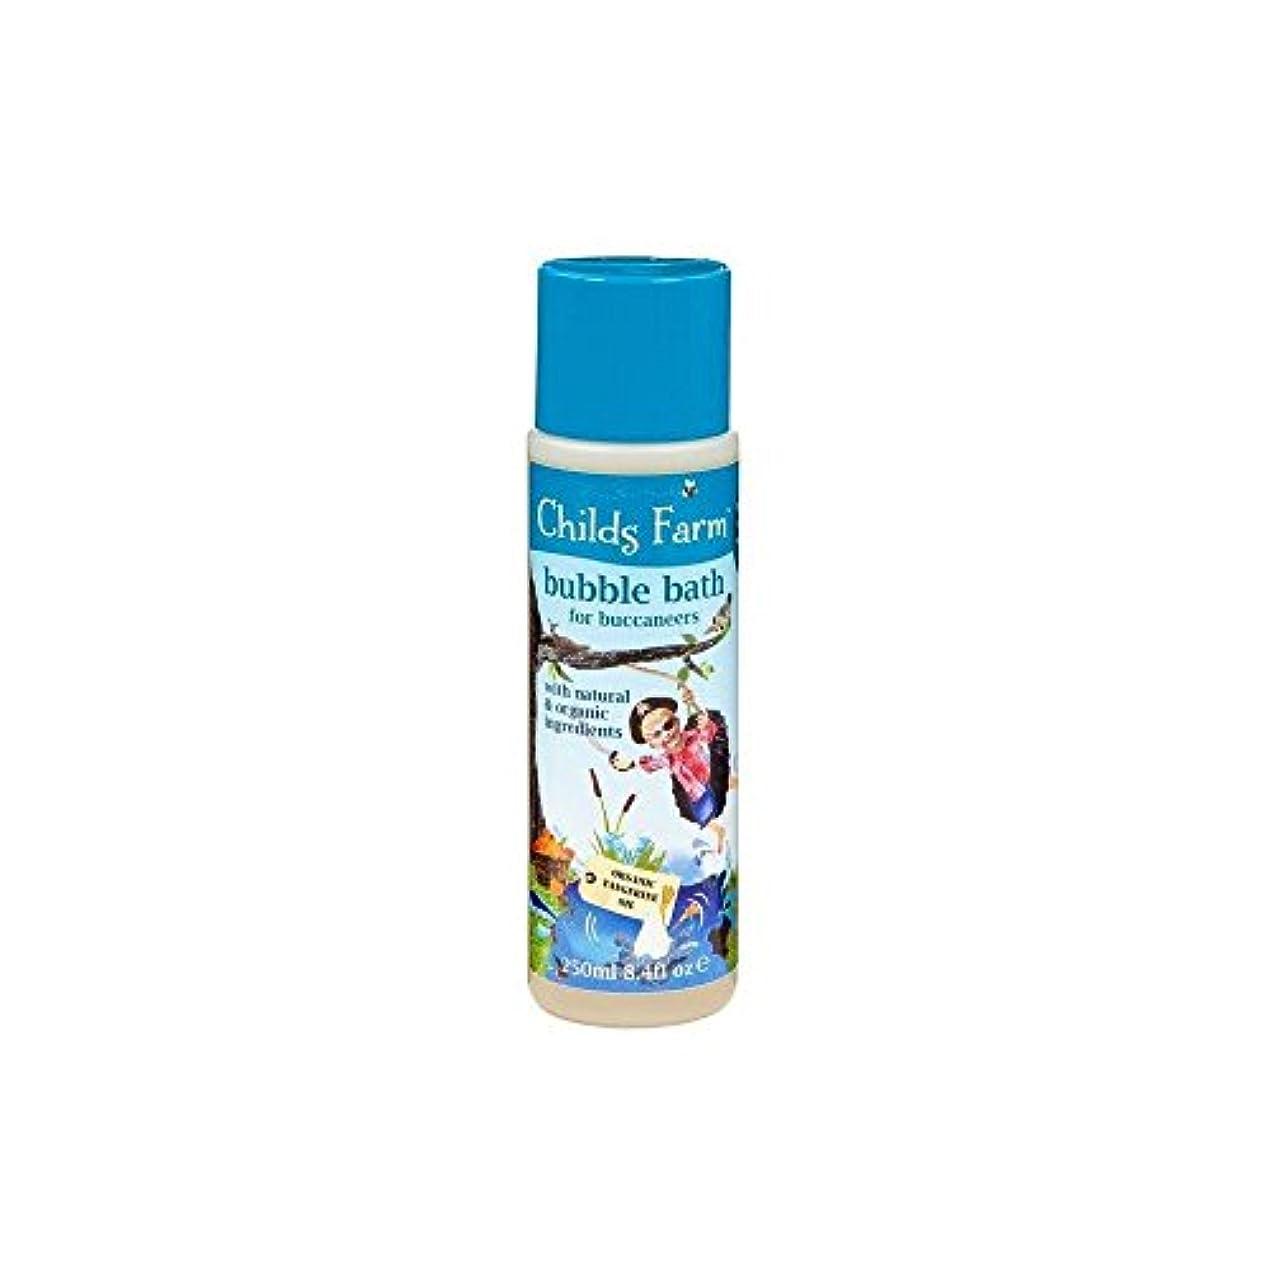 透けるする必要がある帽子Childs Farm Get Your Feet Wet! Bubble Bath for Bucanneers! (250ml) チャイルズファームは、あなたの足が濡れる! Bucanneersための泡風呂! ( 250...